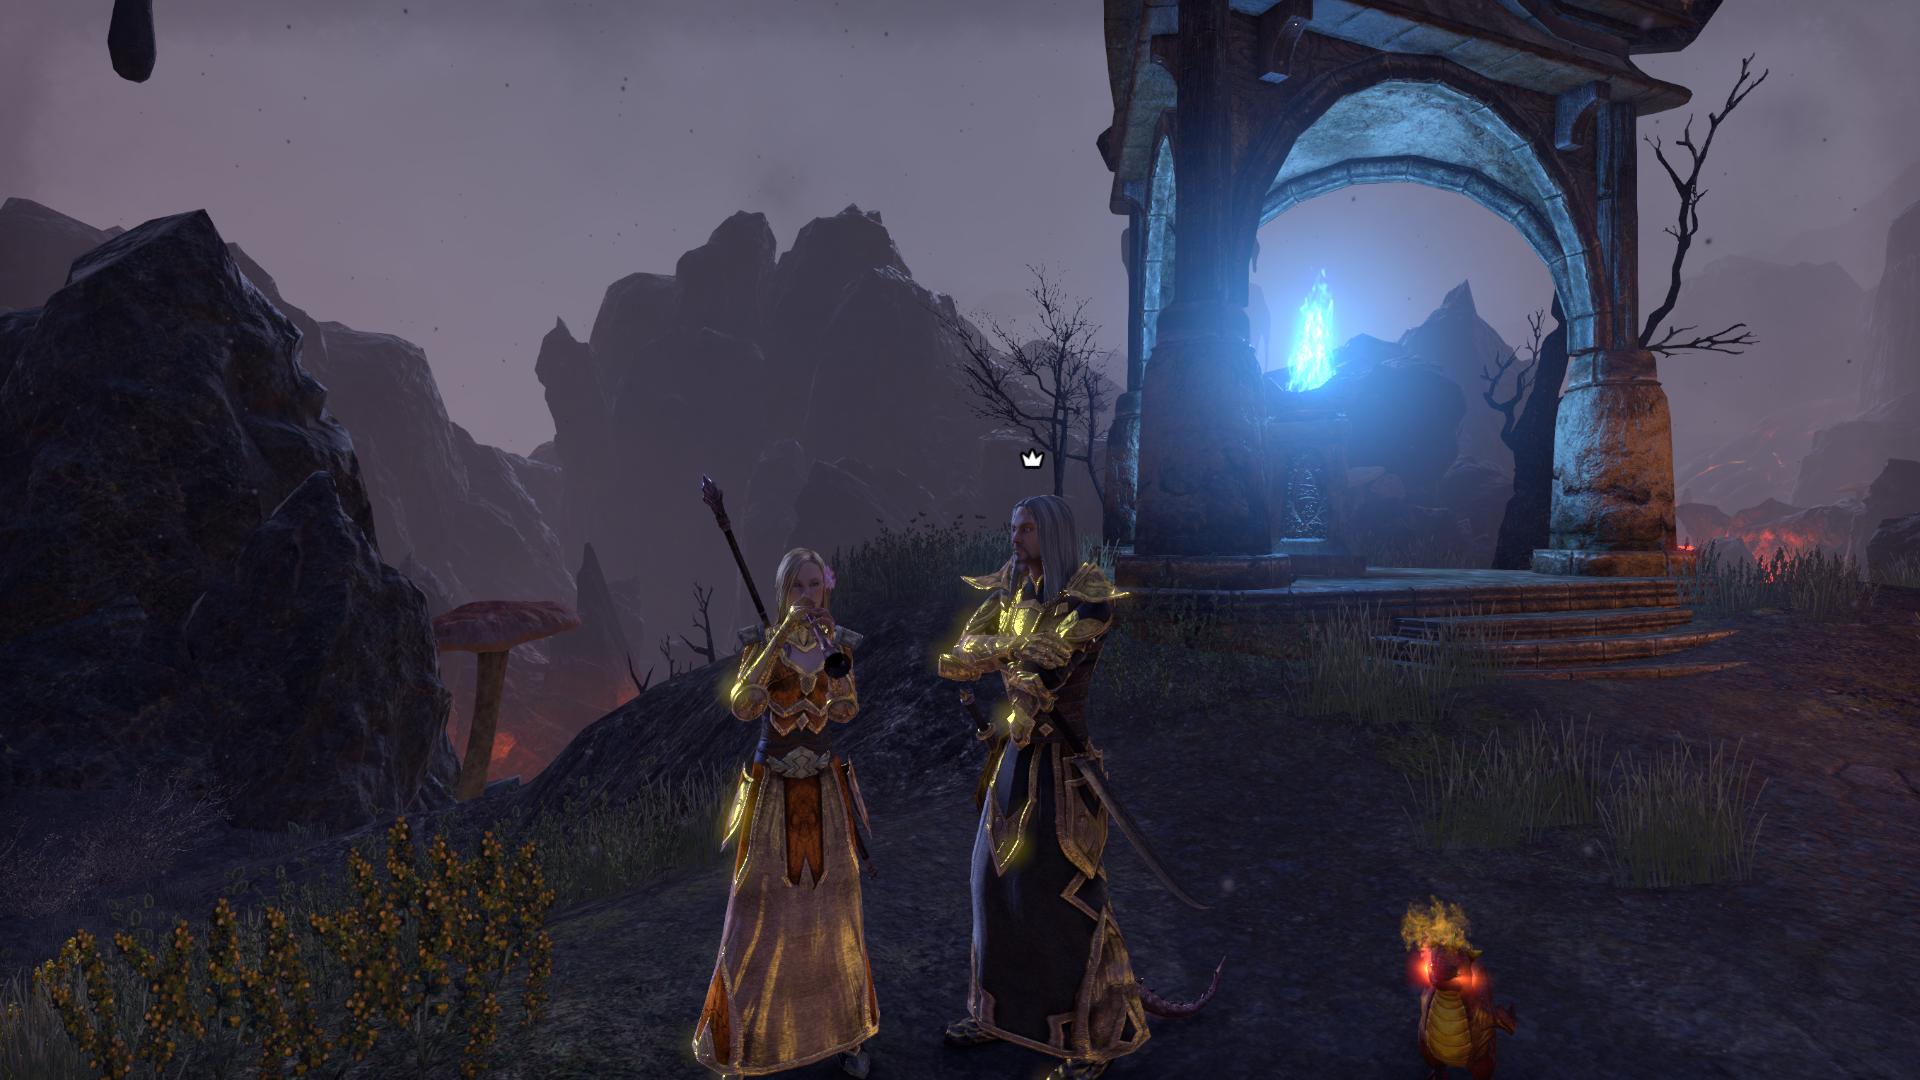 Elder Scrolls Online Morrowind By Rivenarivenka On Deviantart